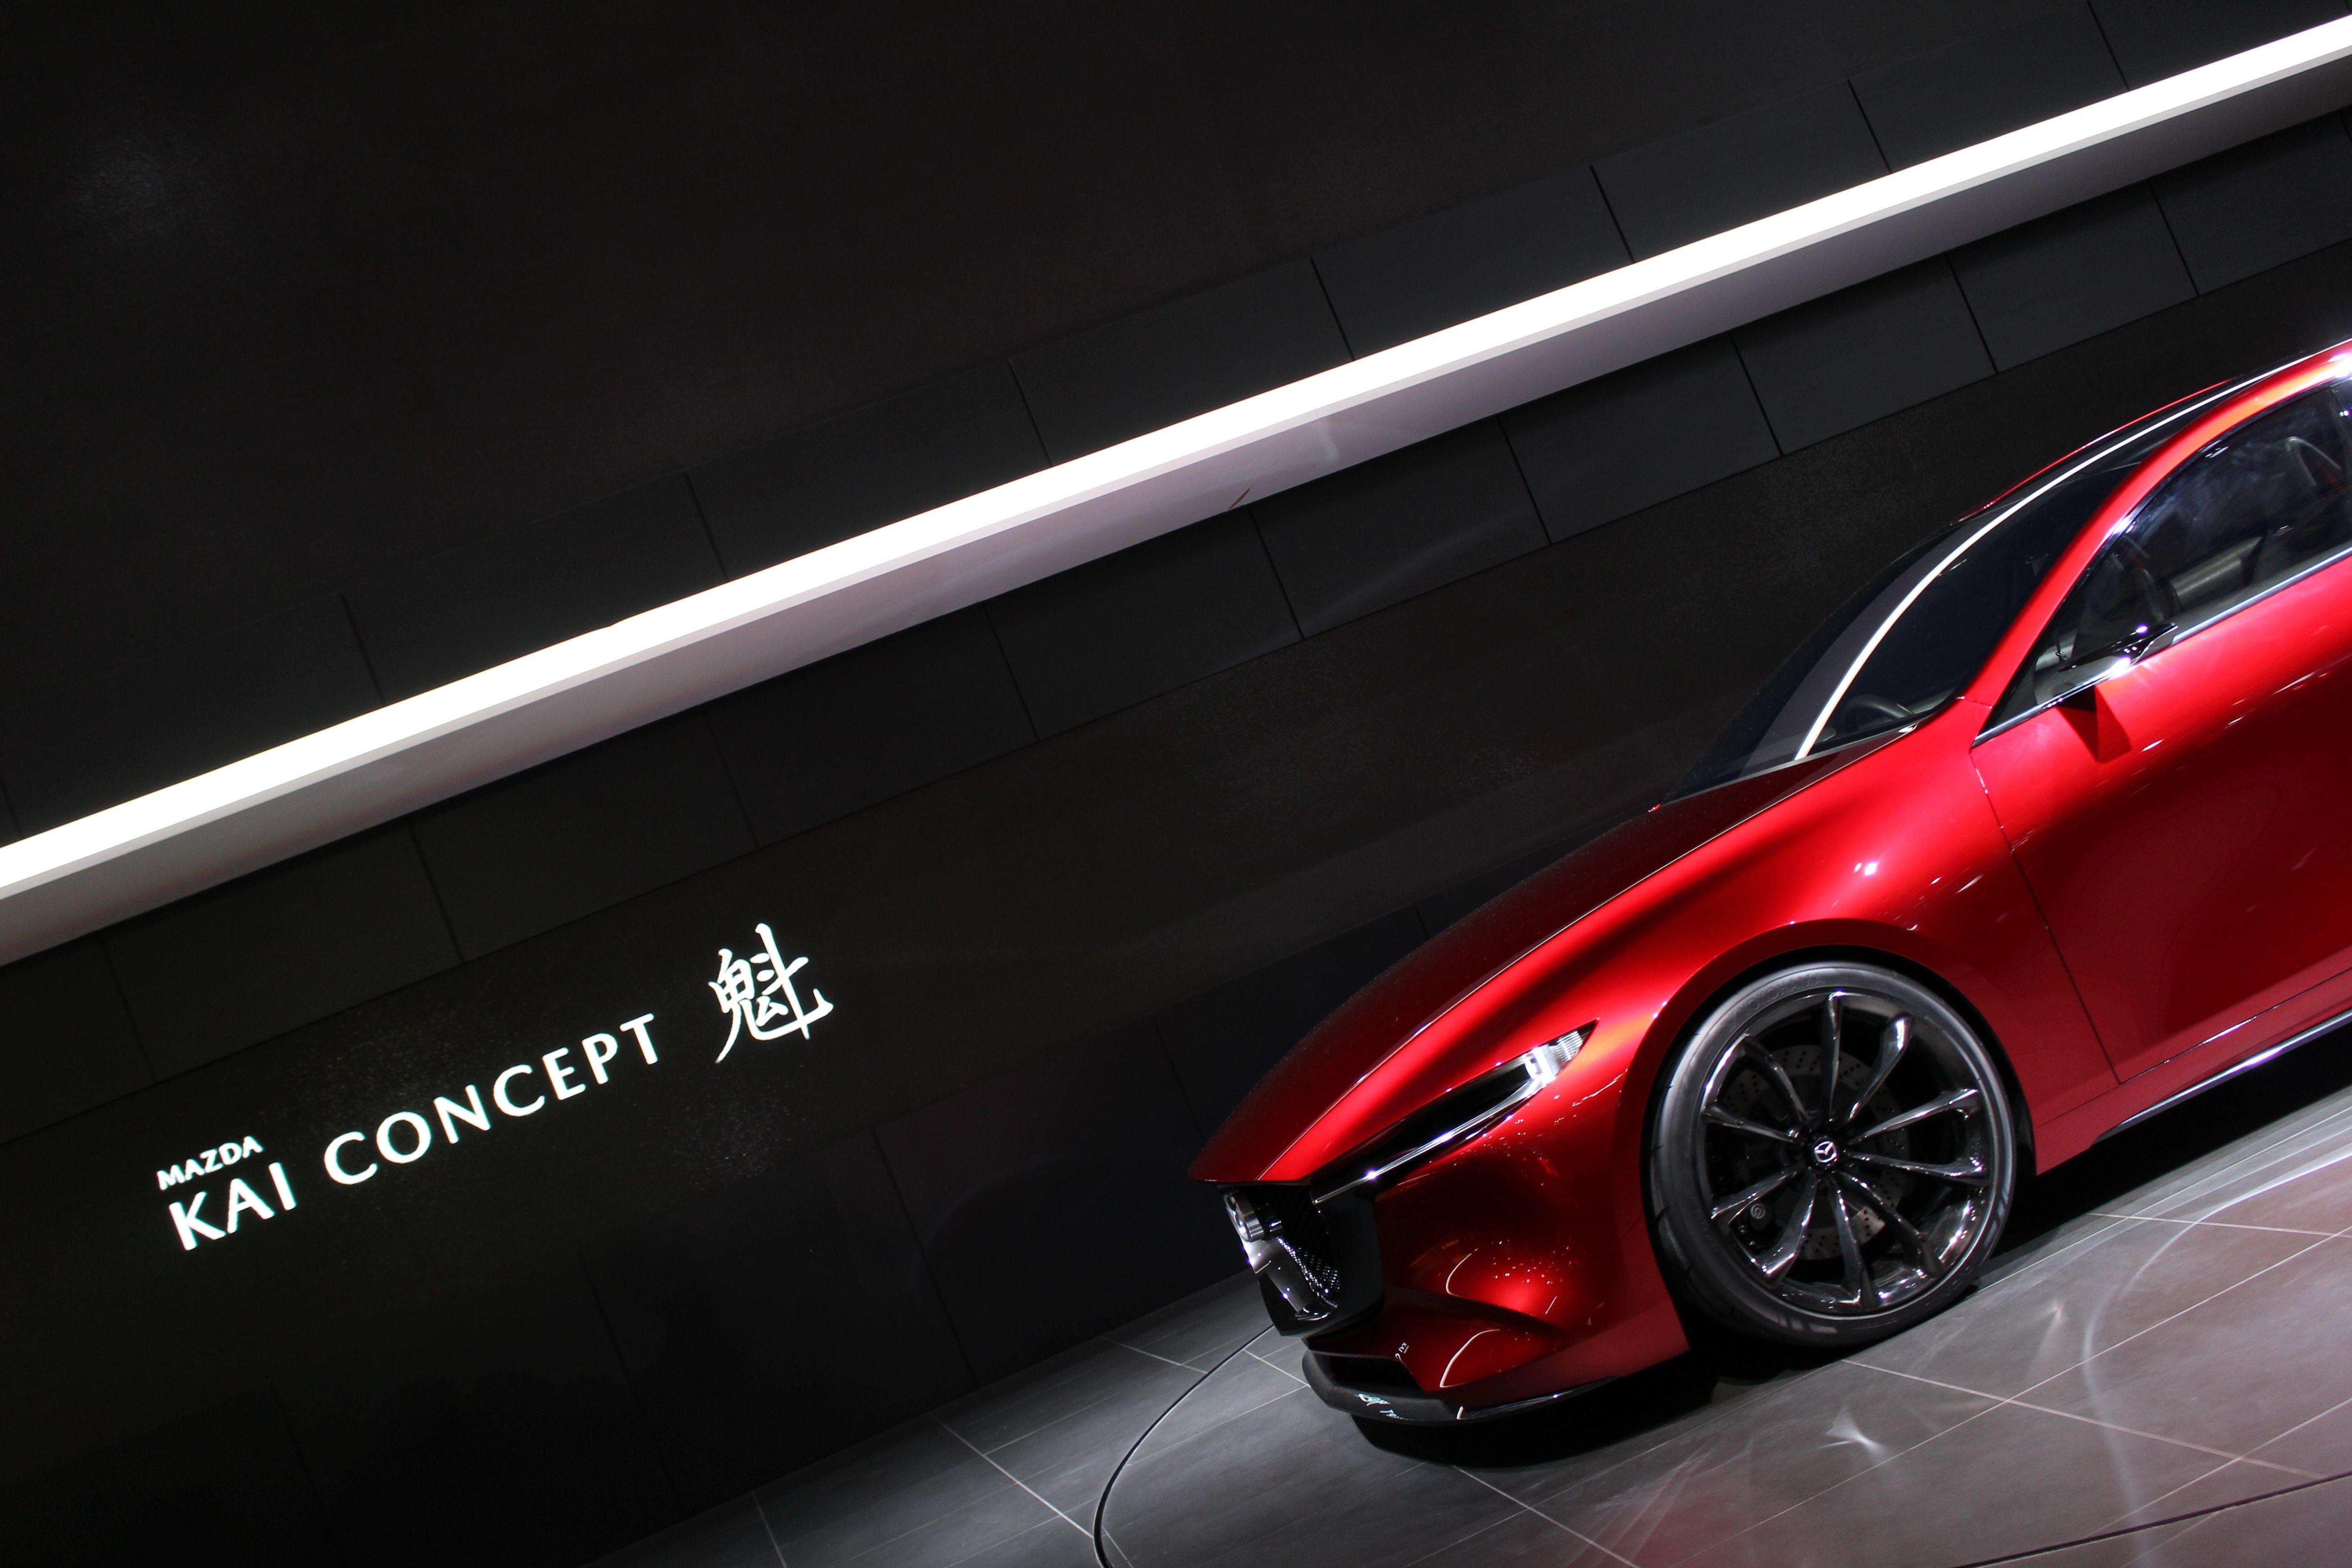 Mazda KAI CONCEPT 2017 | Mazda | Pinterest | Mazda and Cars